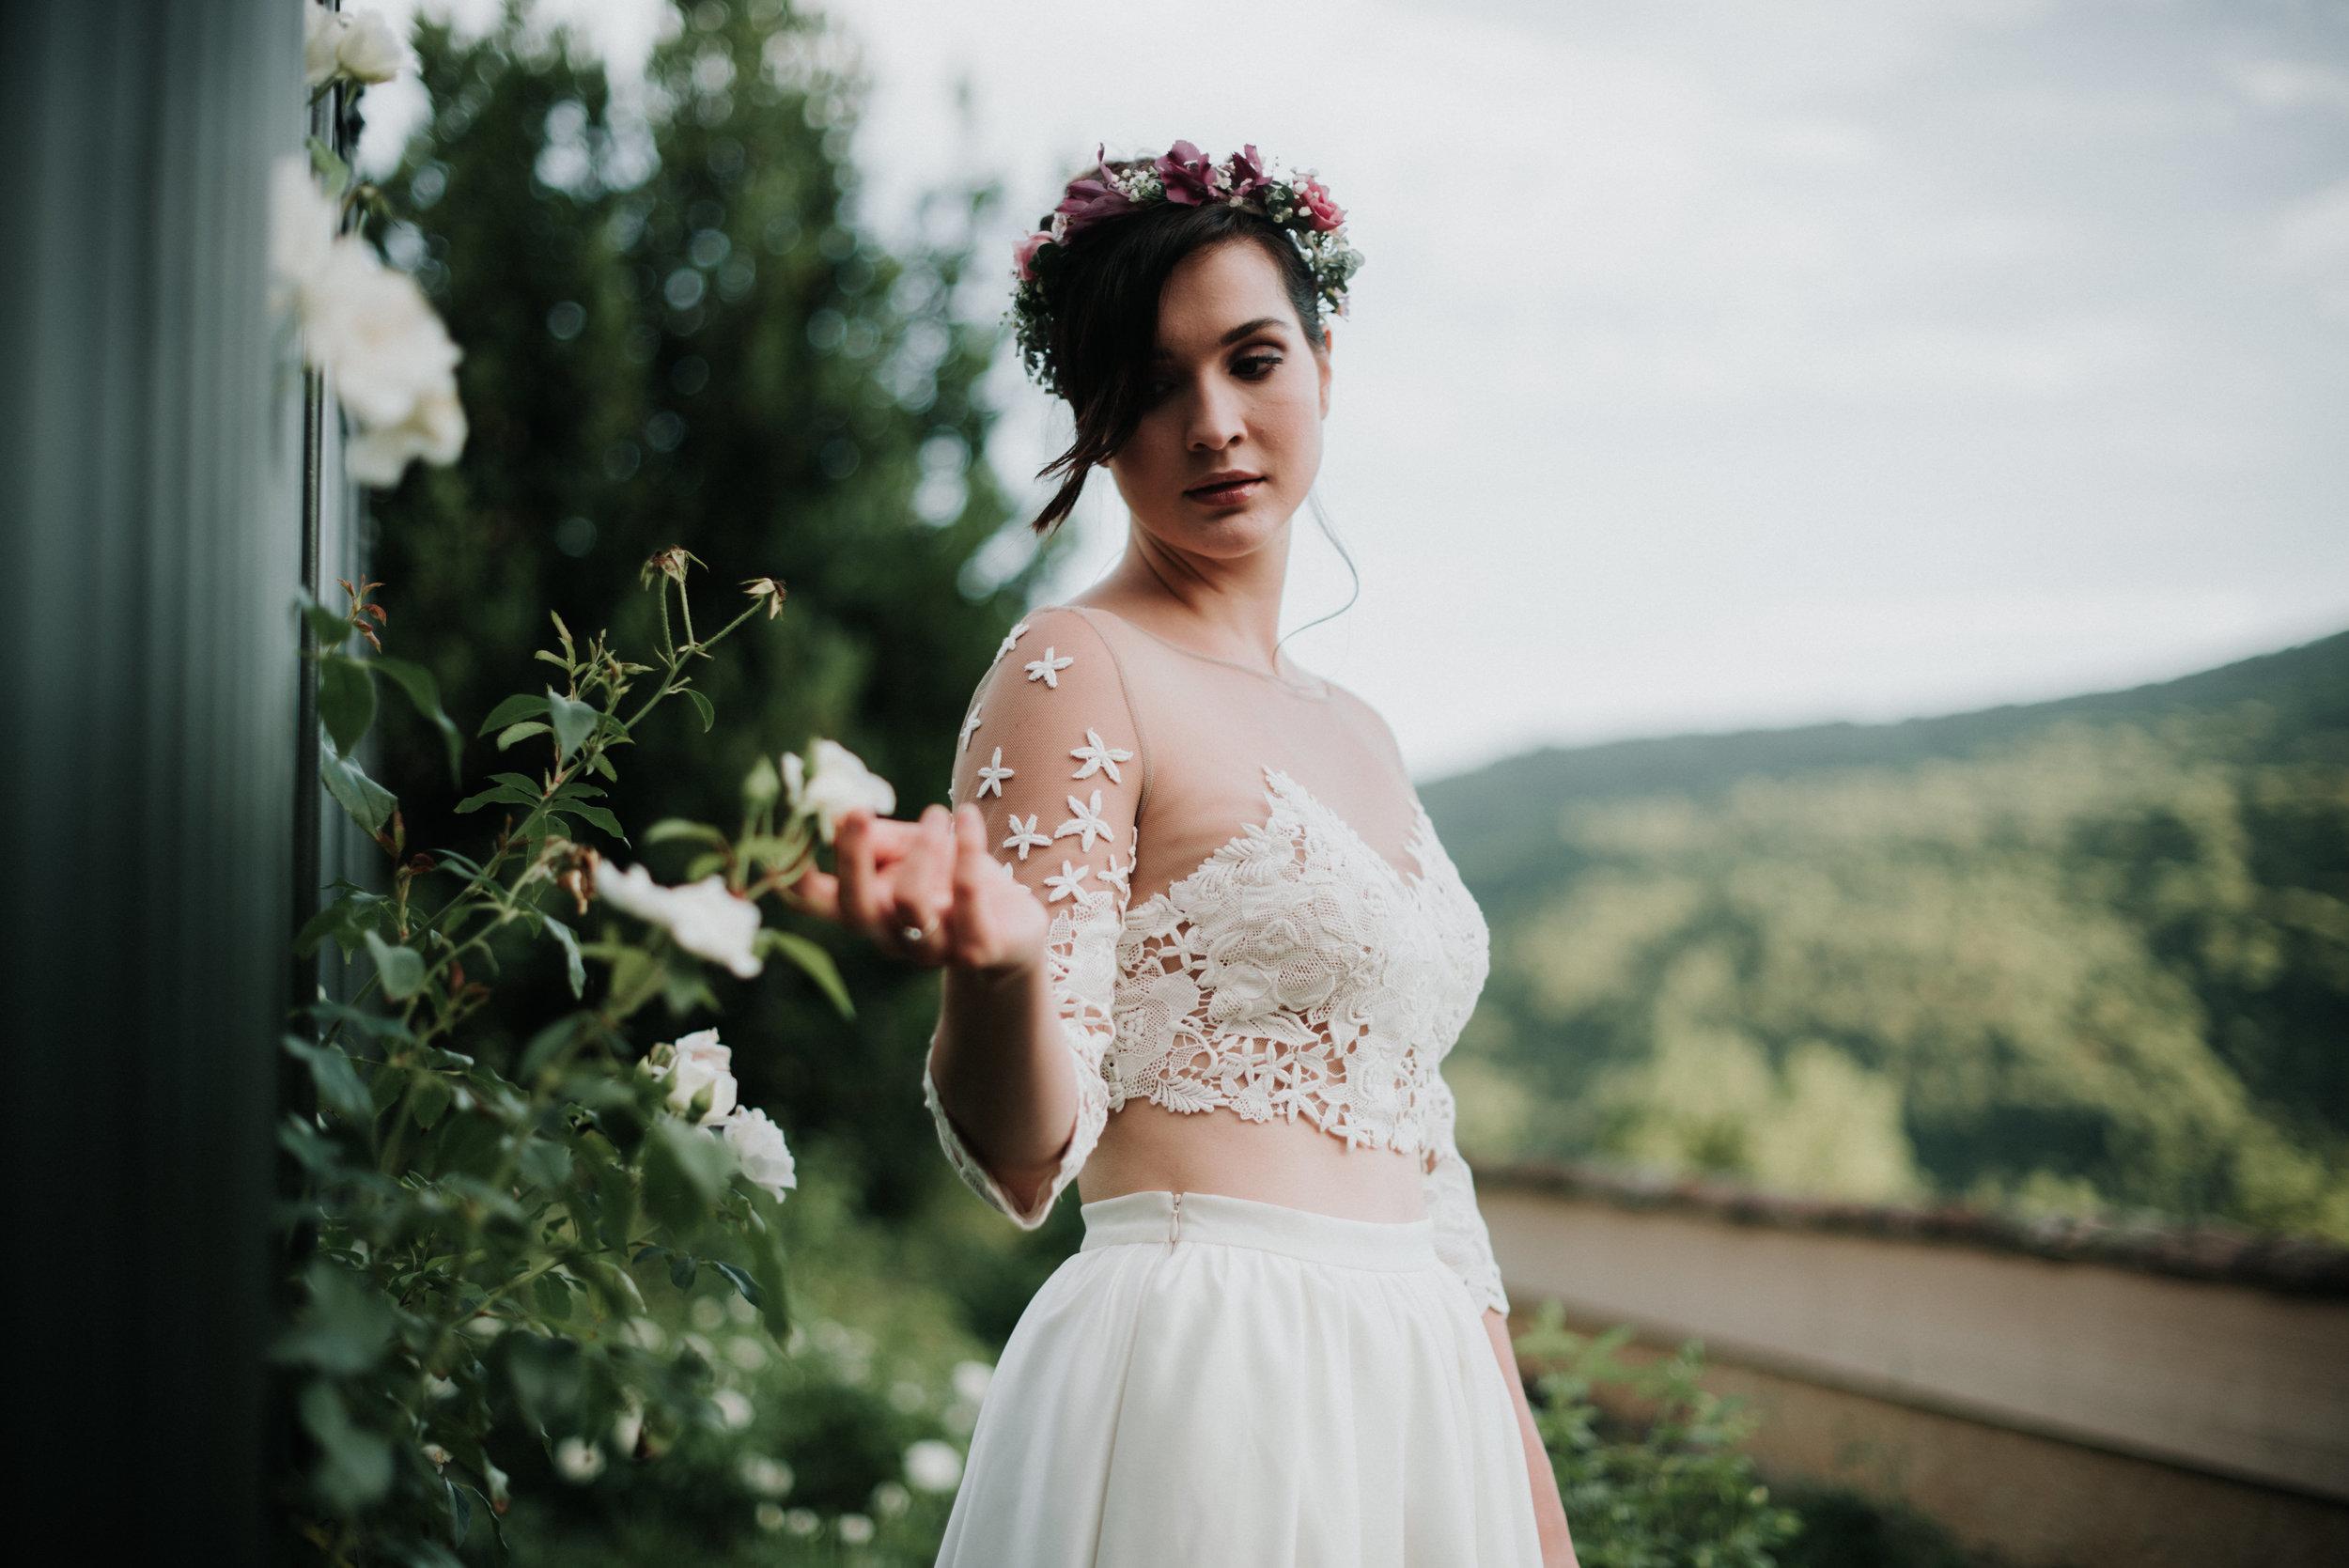 Léa-Fery-photographe-professionnel-lyon-rhone-alpes-portrait-creation-mariage-evenement-evenementiel-famille-9654.jpg